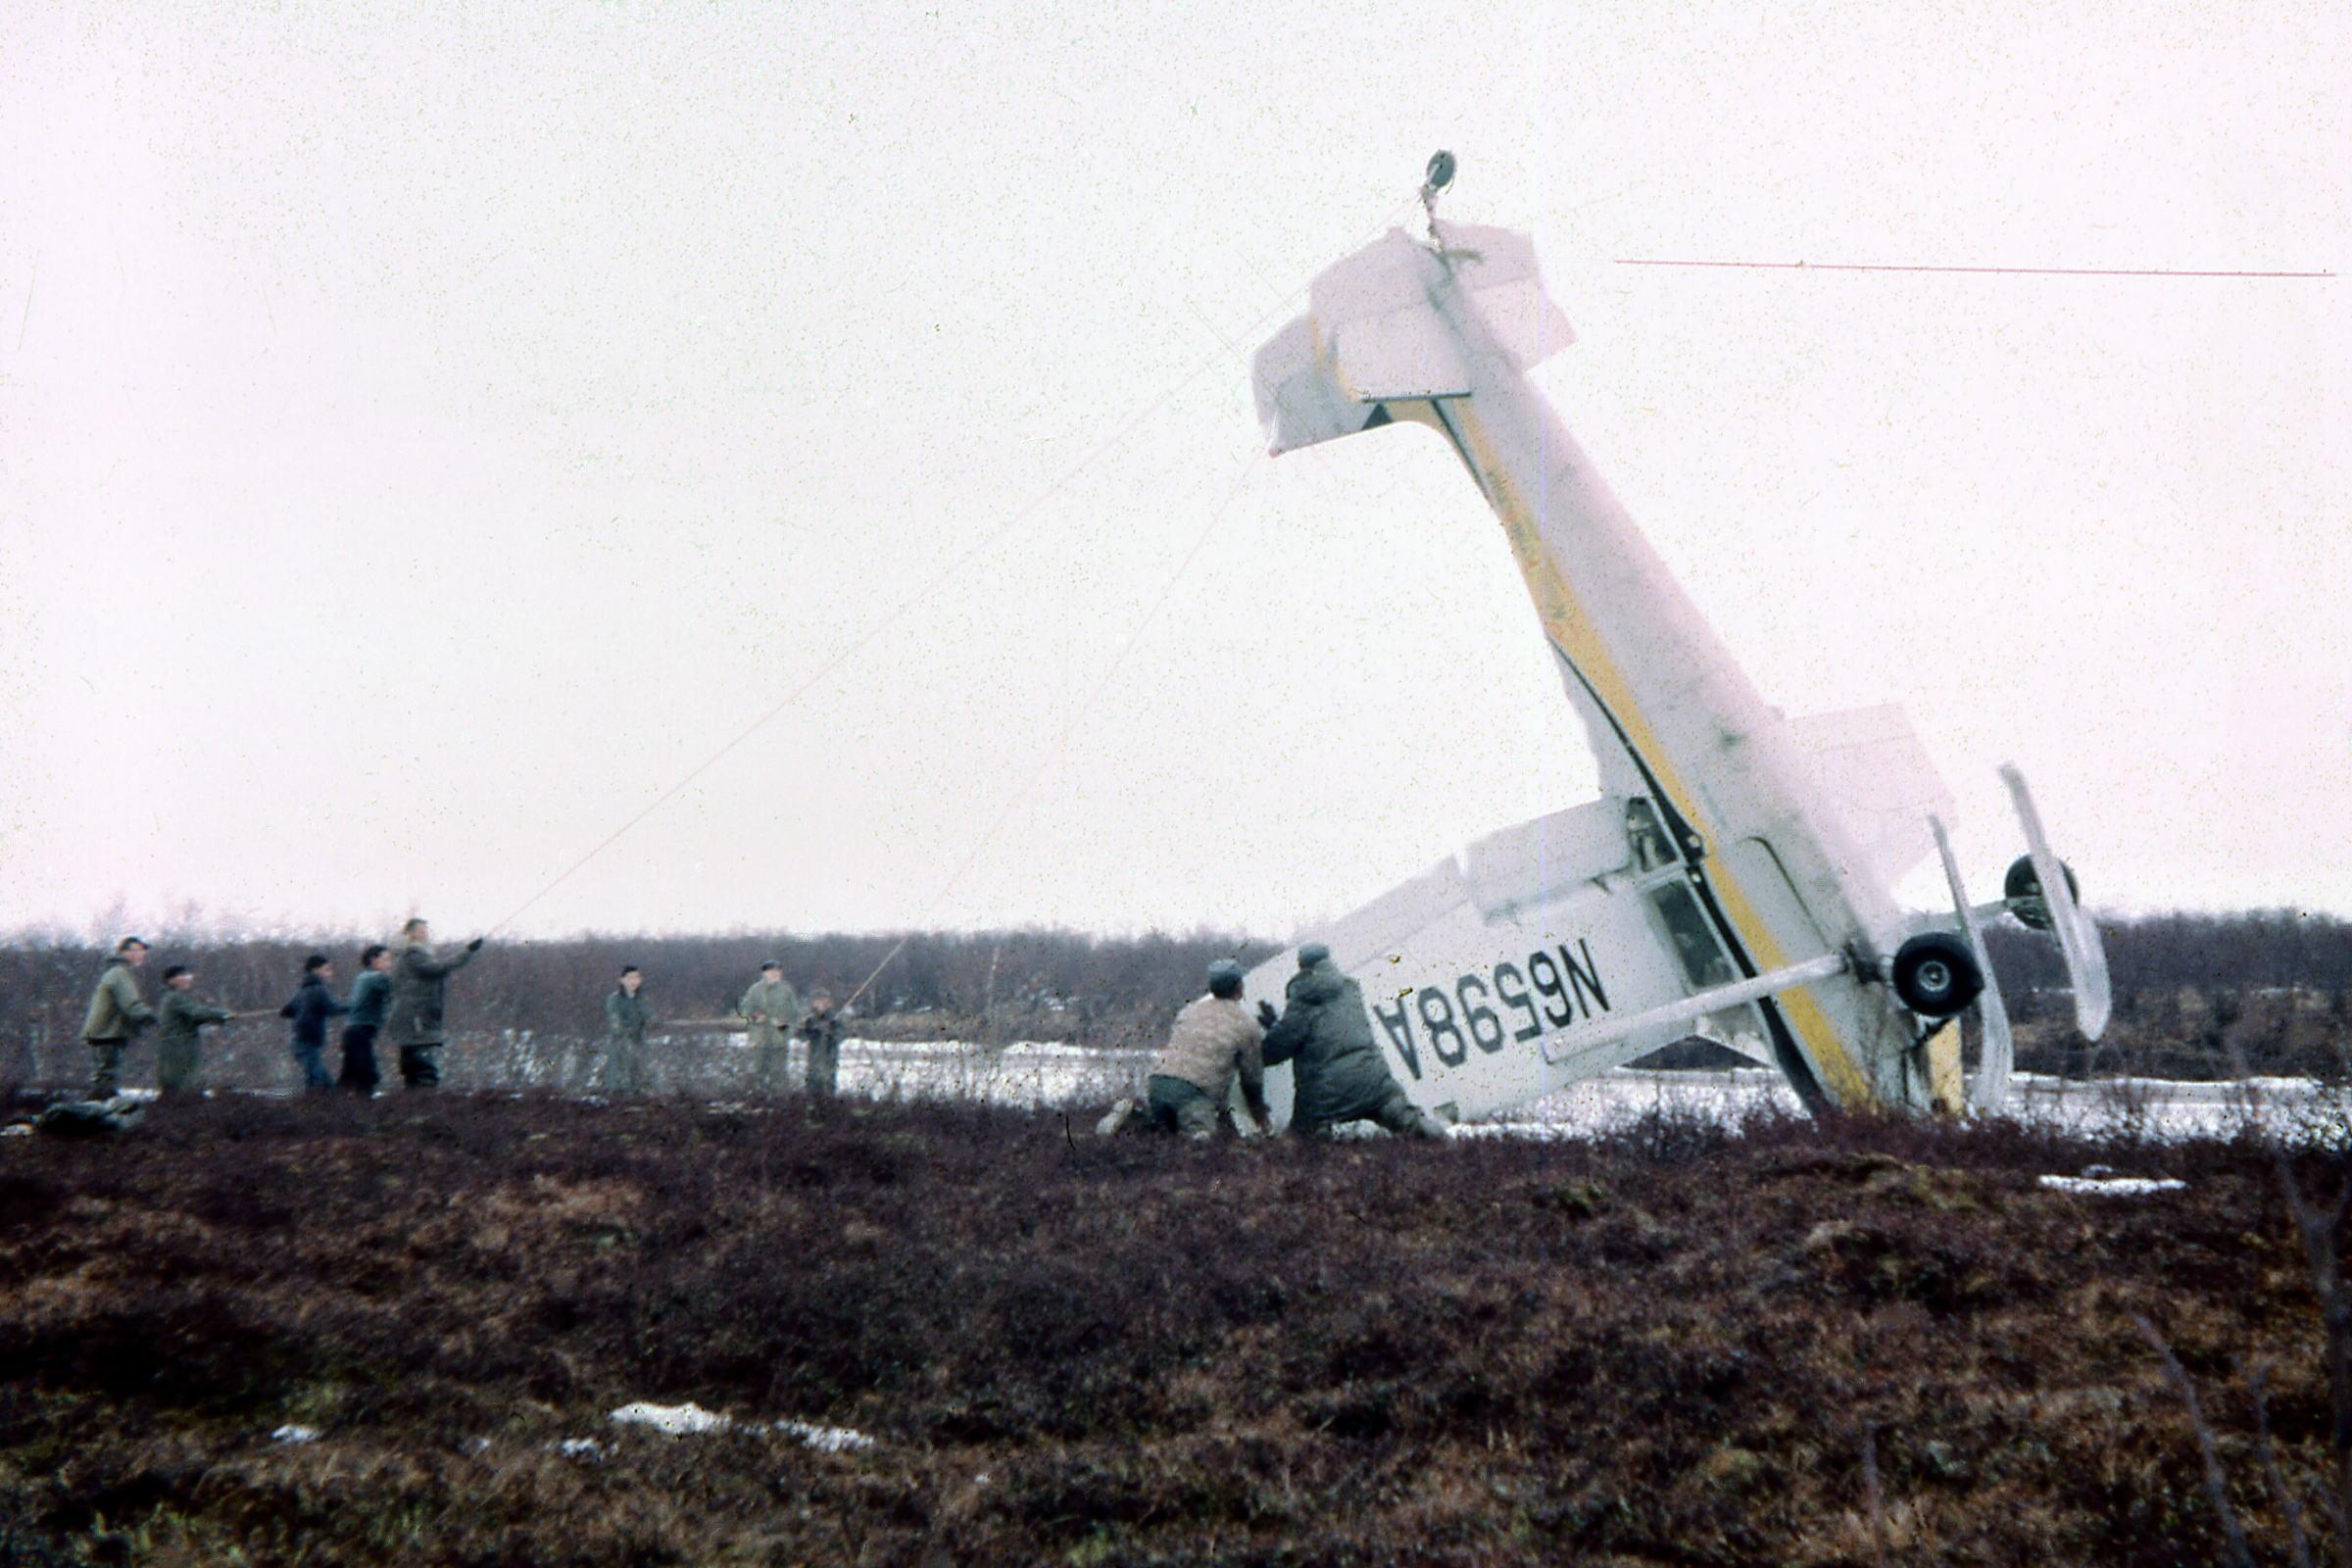 1964 Ketchum Air crash